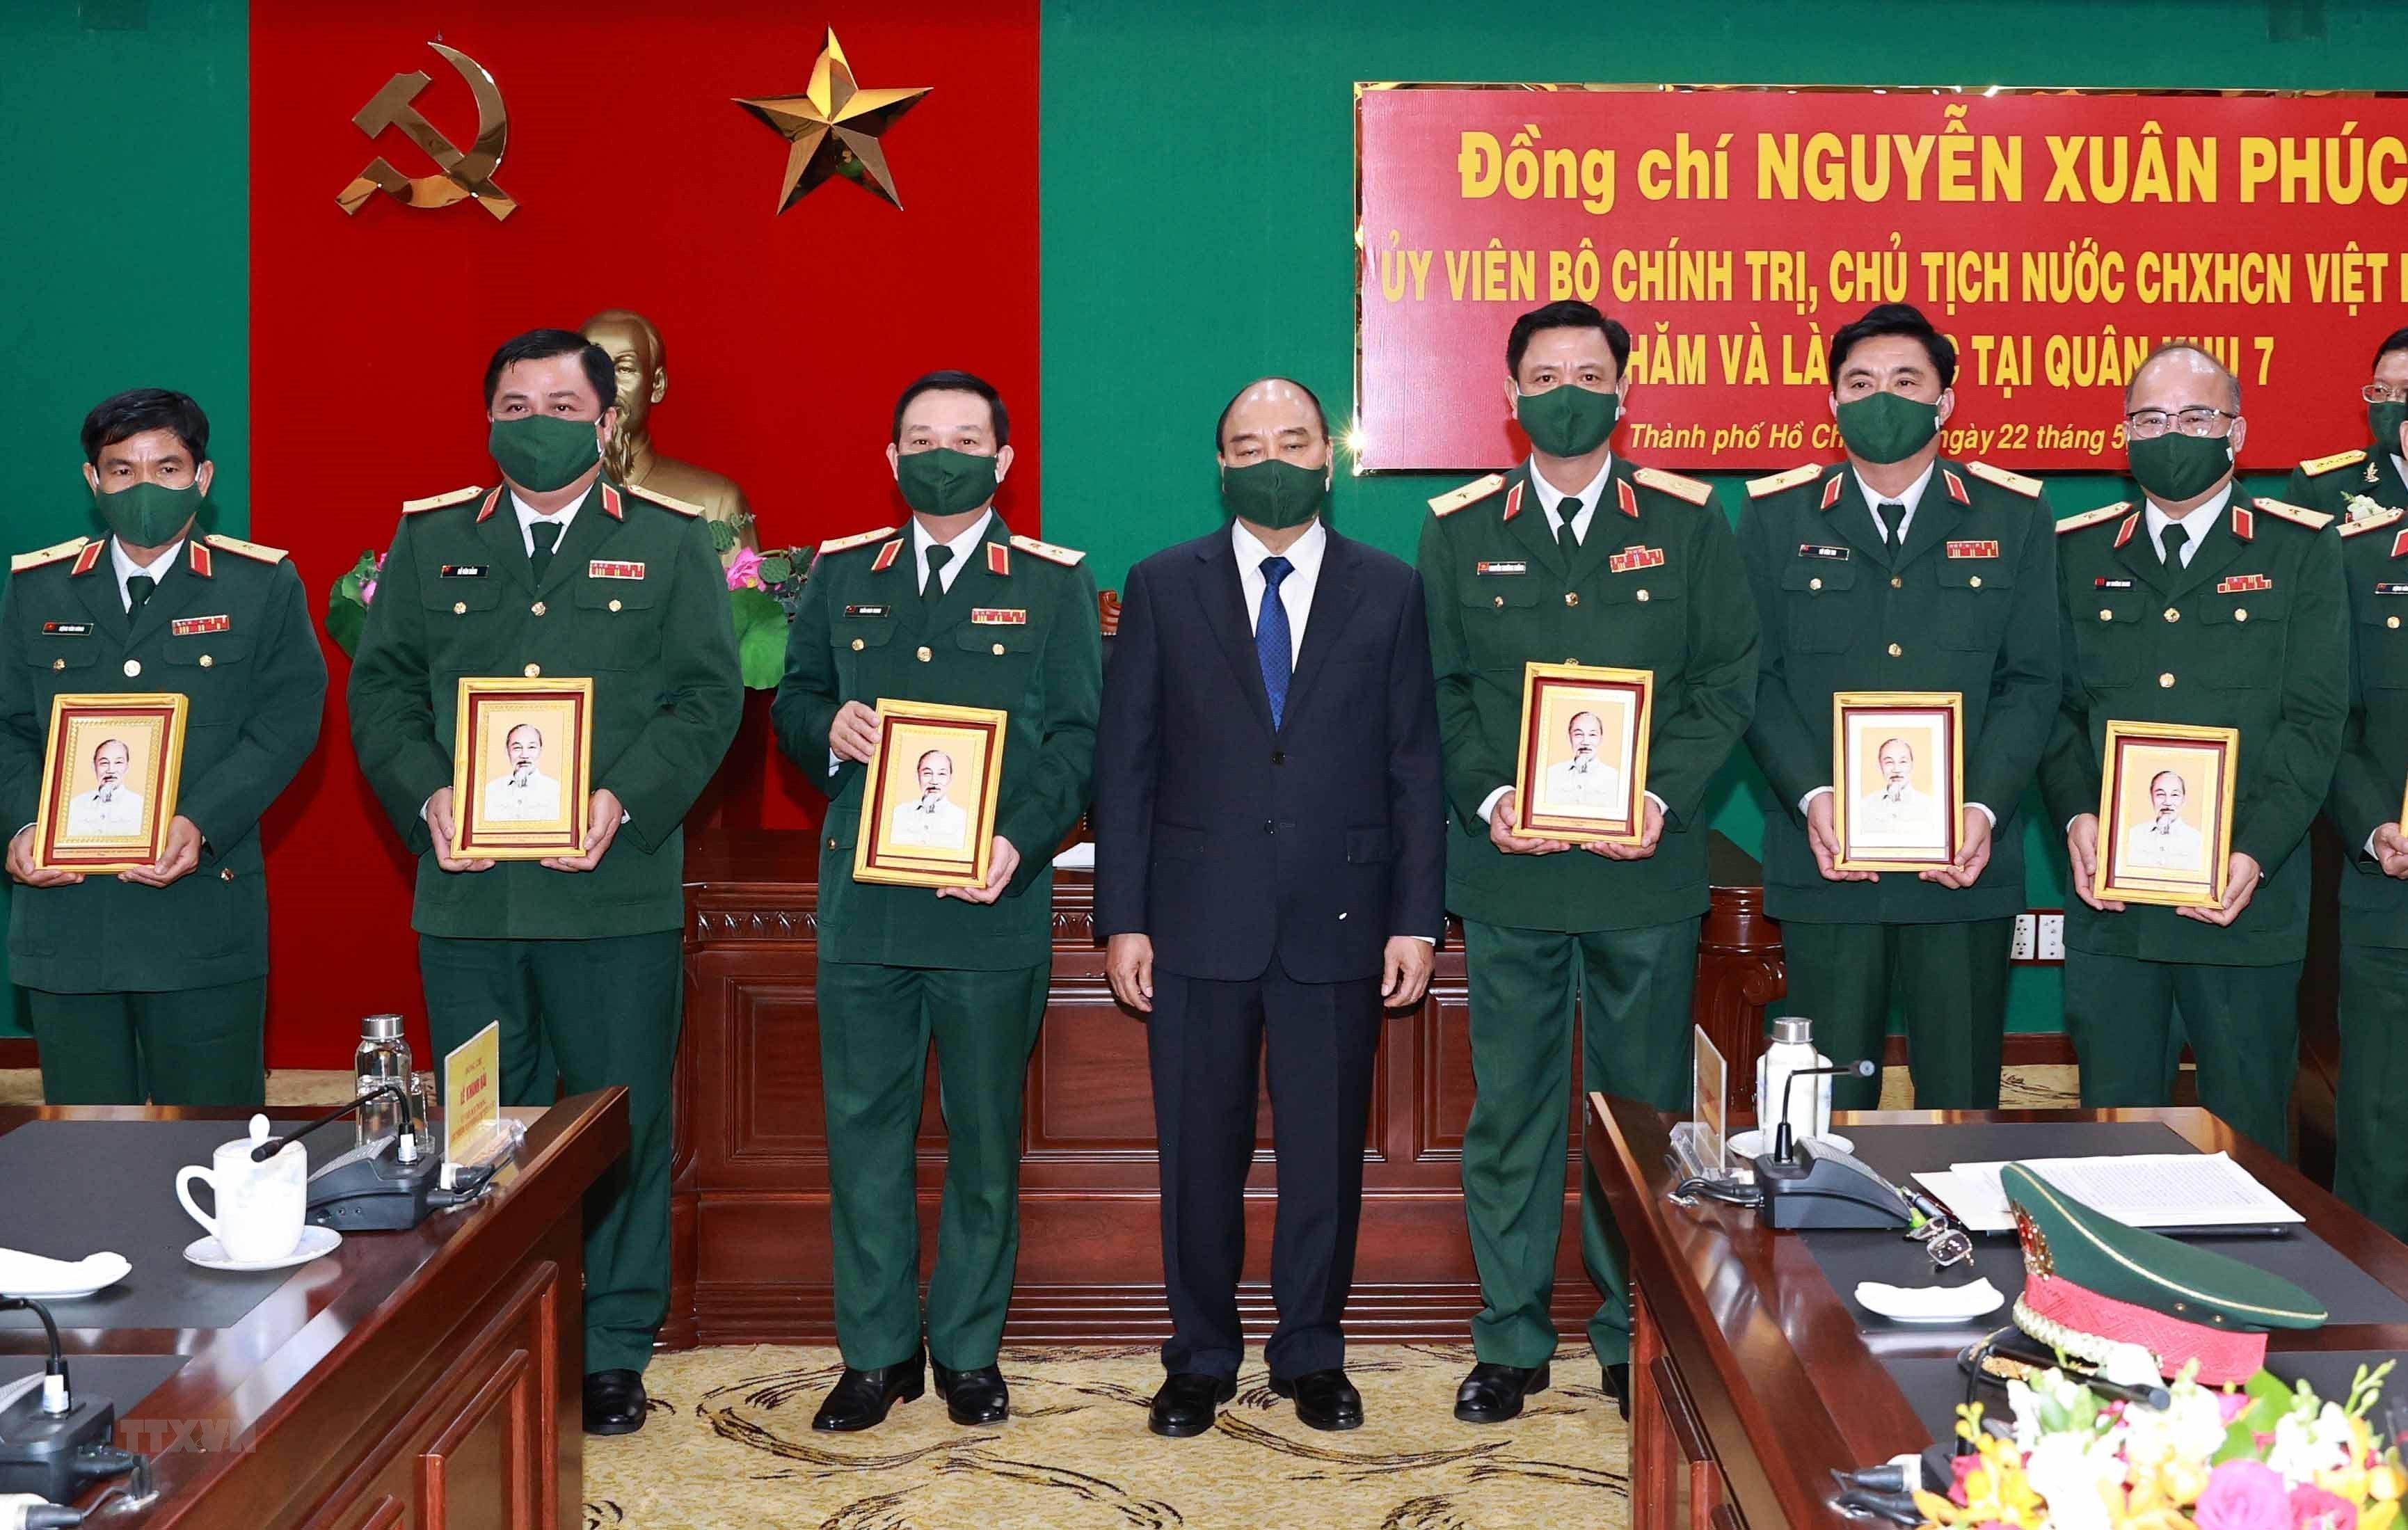 Hinh anh Chu tich nuoc Nguyen Xuan Phuc tham, lam viec tai Quan khu 7 hinh anh 2